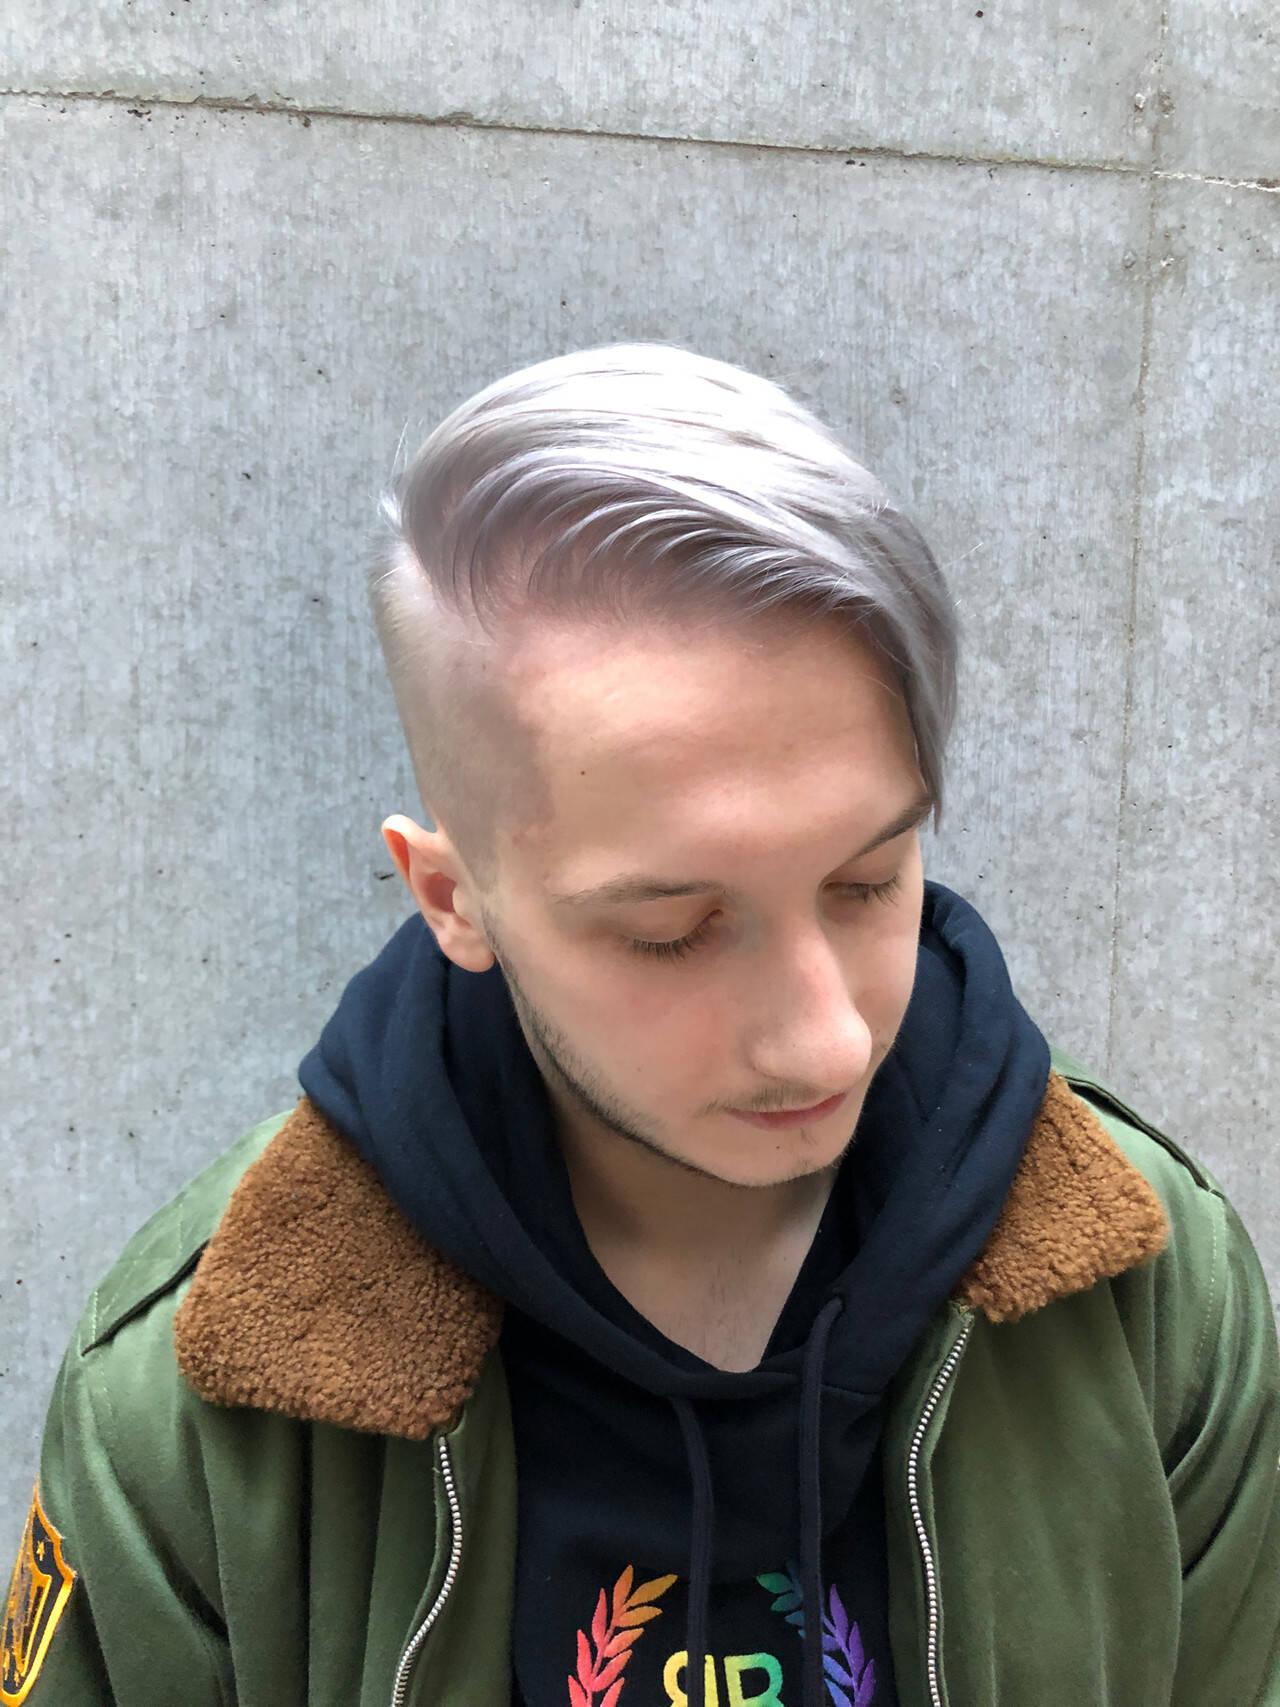 ツーブロック ブリーチ フェードカット ストリートヘアスタイルや髪型の写真・画像